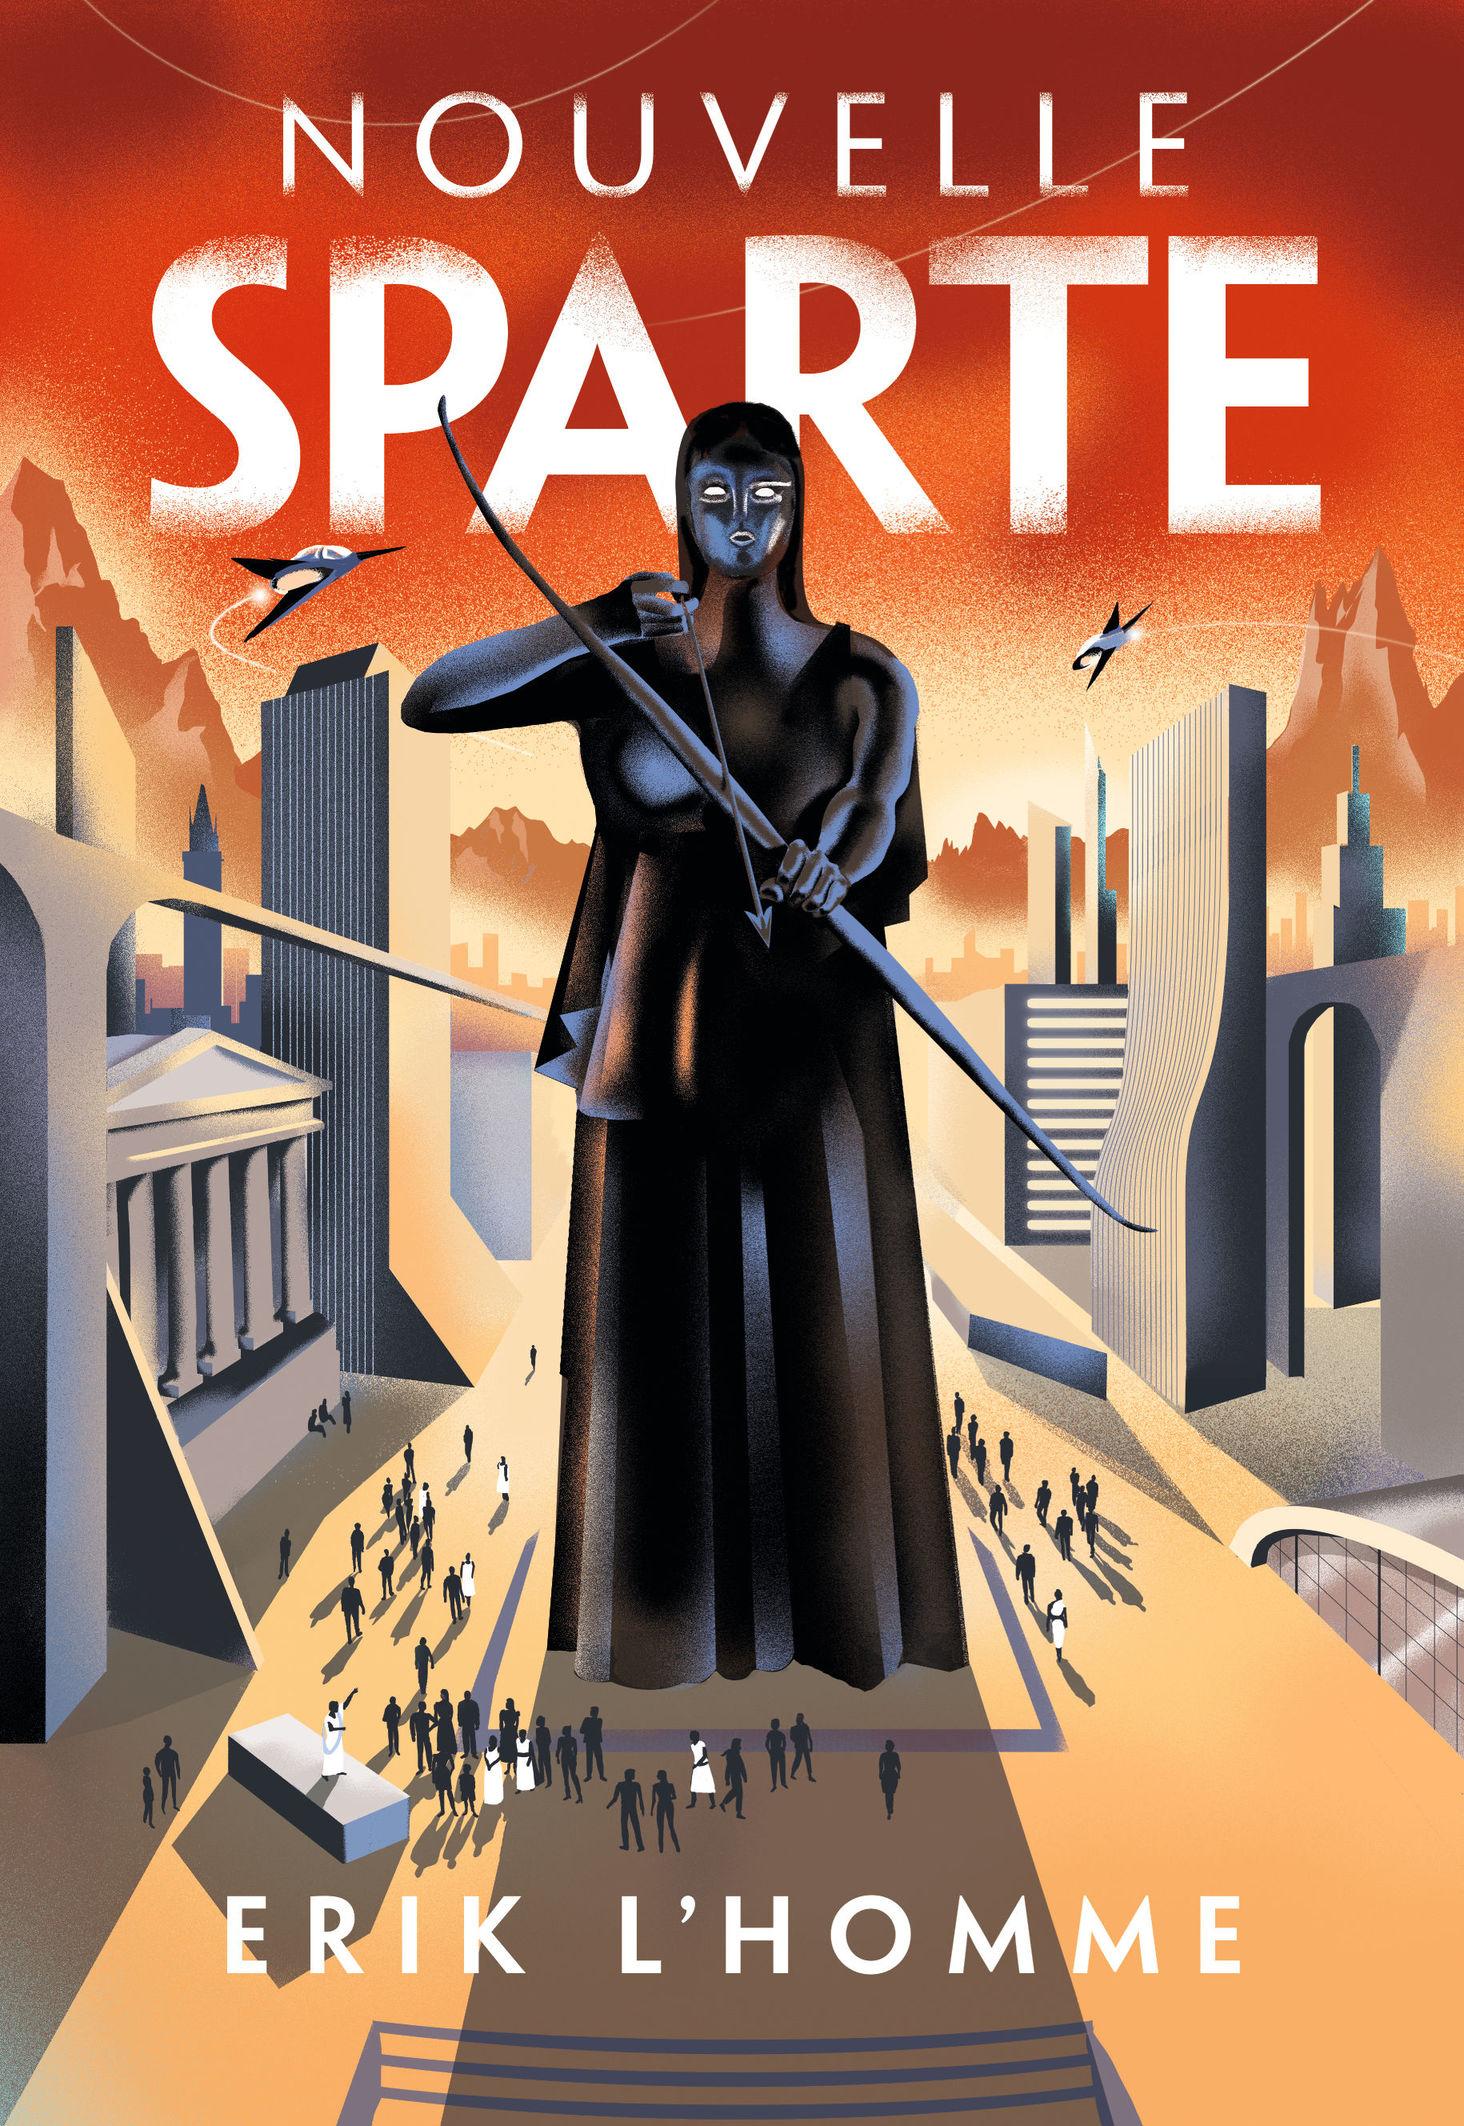 Nouvelle-Sparte | Faure, Antonin